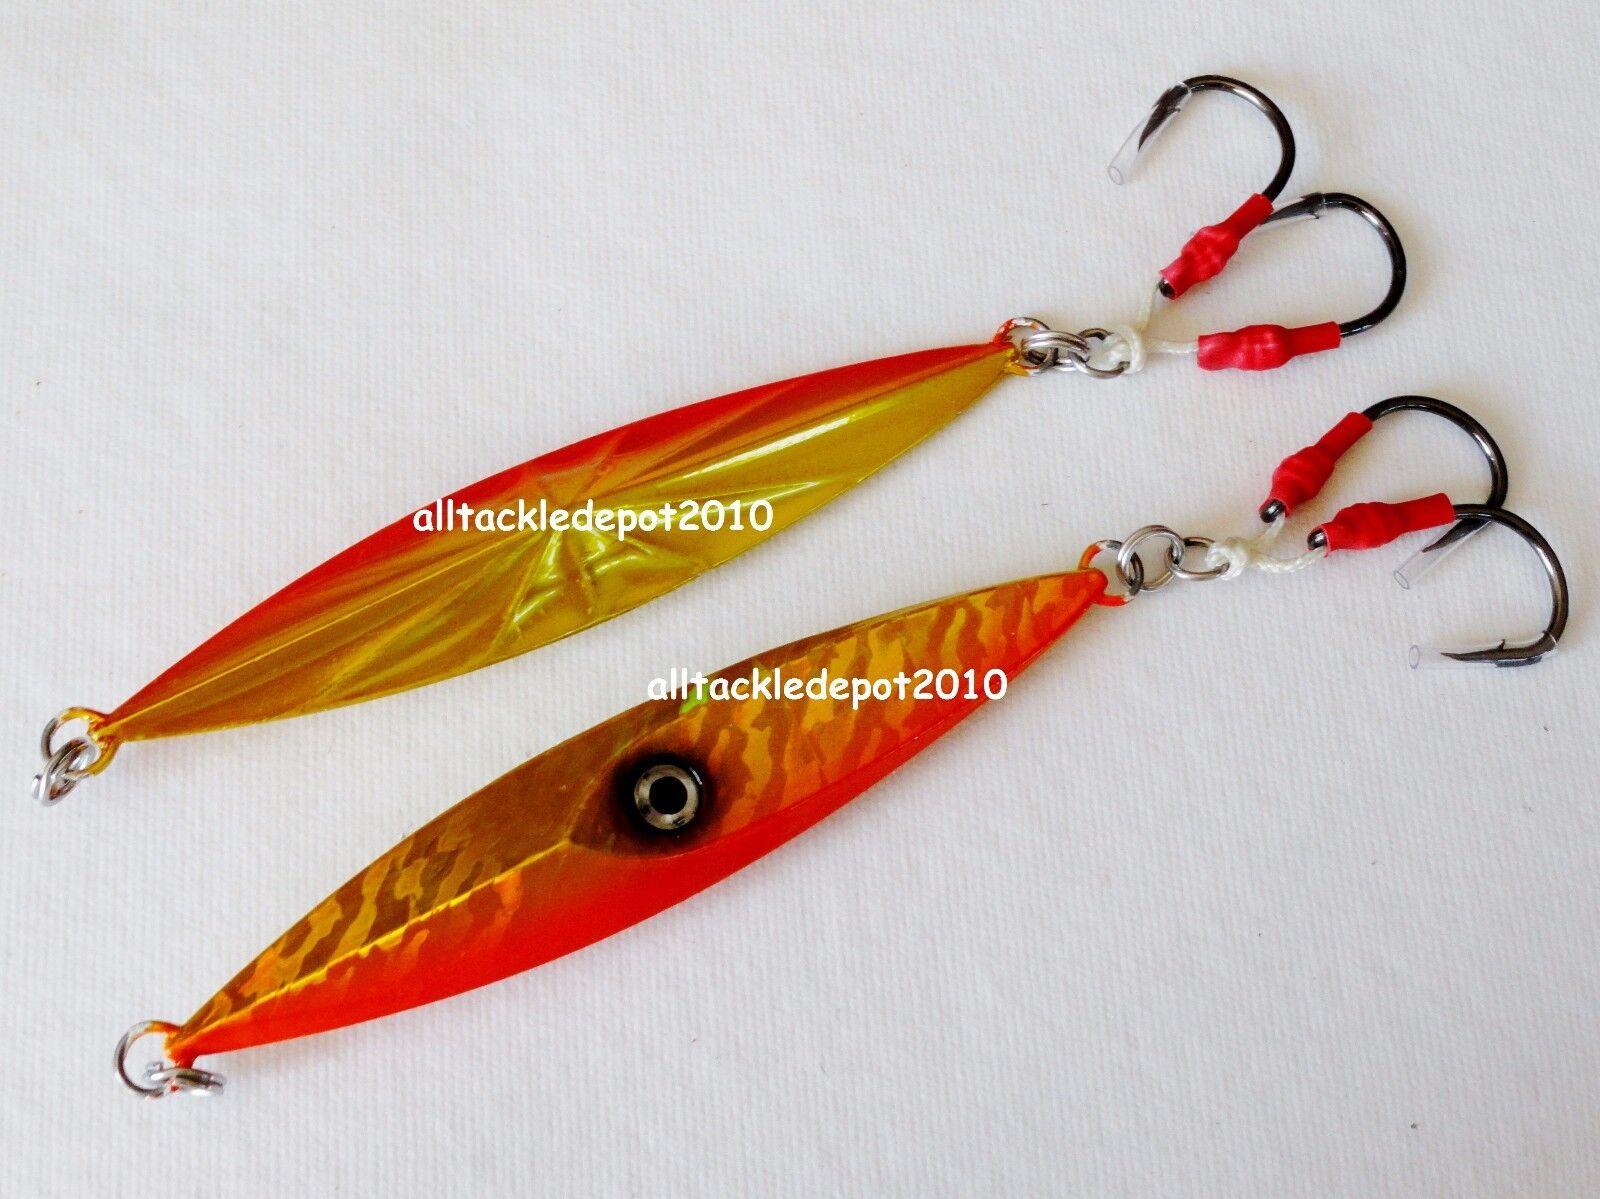 1-10 pcs Jigging Diamond Jigs 7oz 200g orange gold Saltwater Fishing Lures